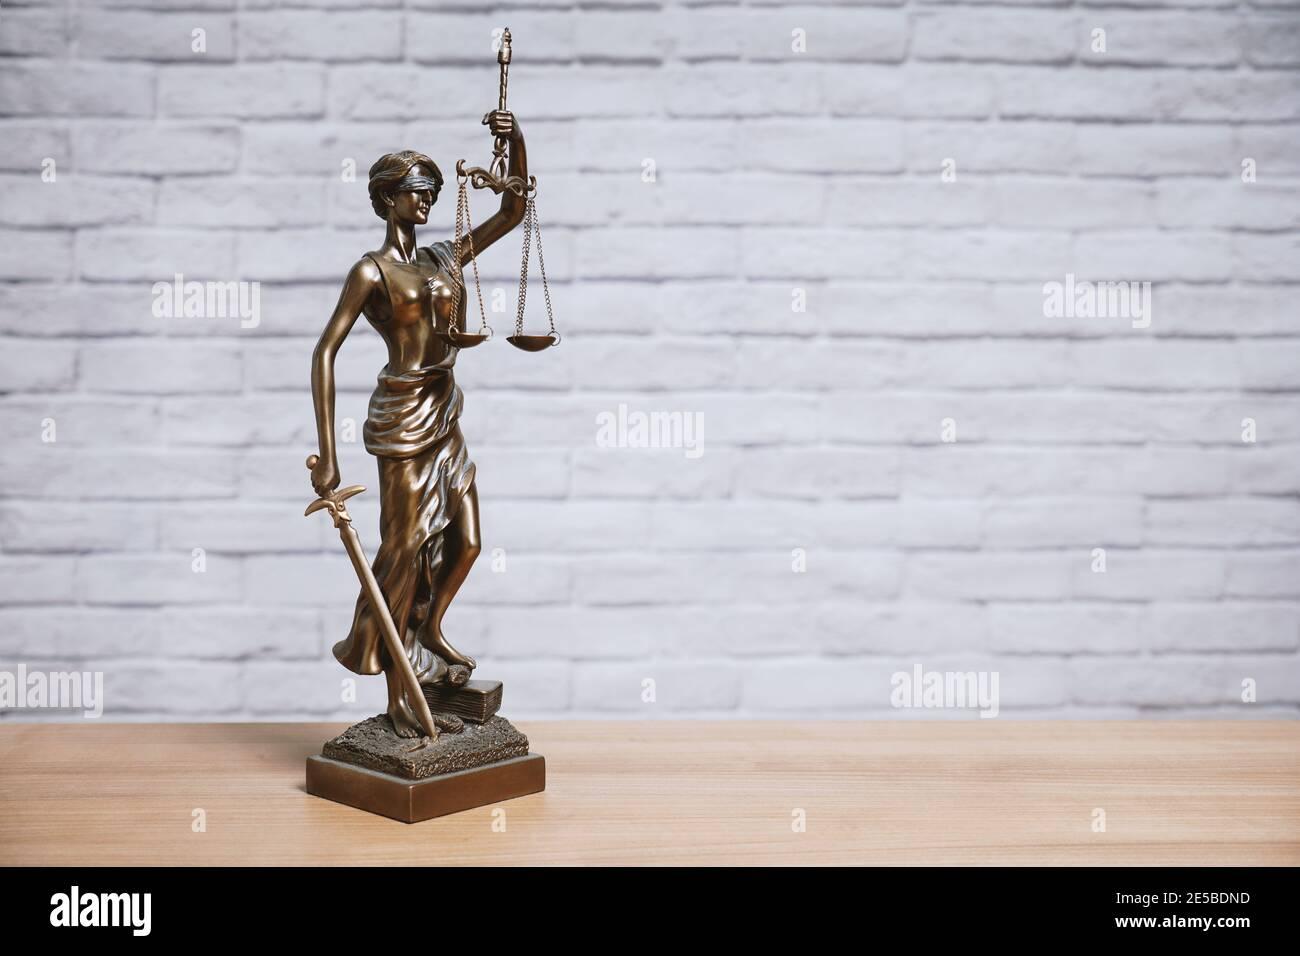 Lady Justice o Justitia la diosa de la justicia sobre la estatua escritorio - derecho legal legislación concepto - ladrillo pared fondo con espacio de copia Foto de stock